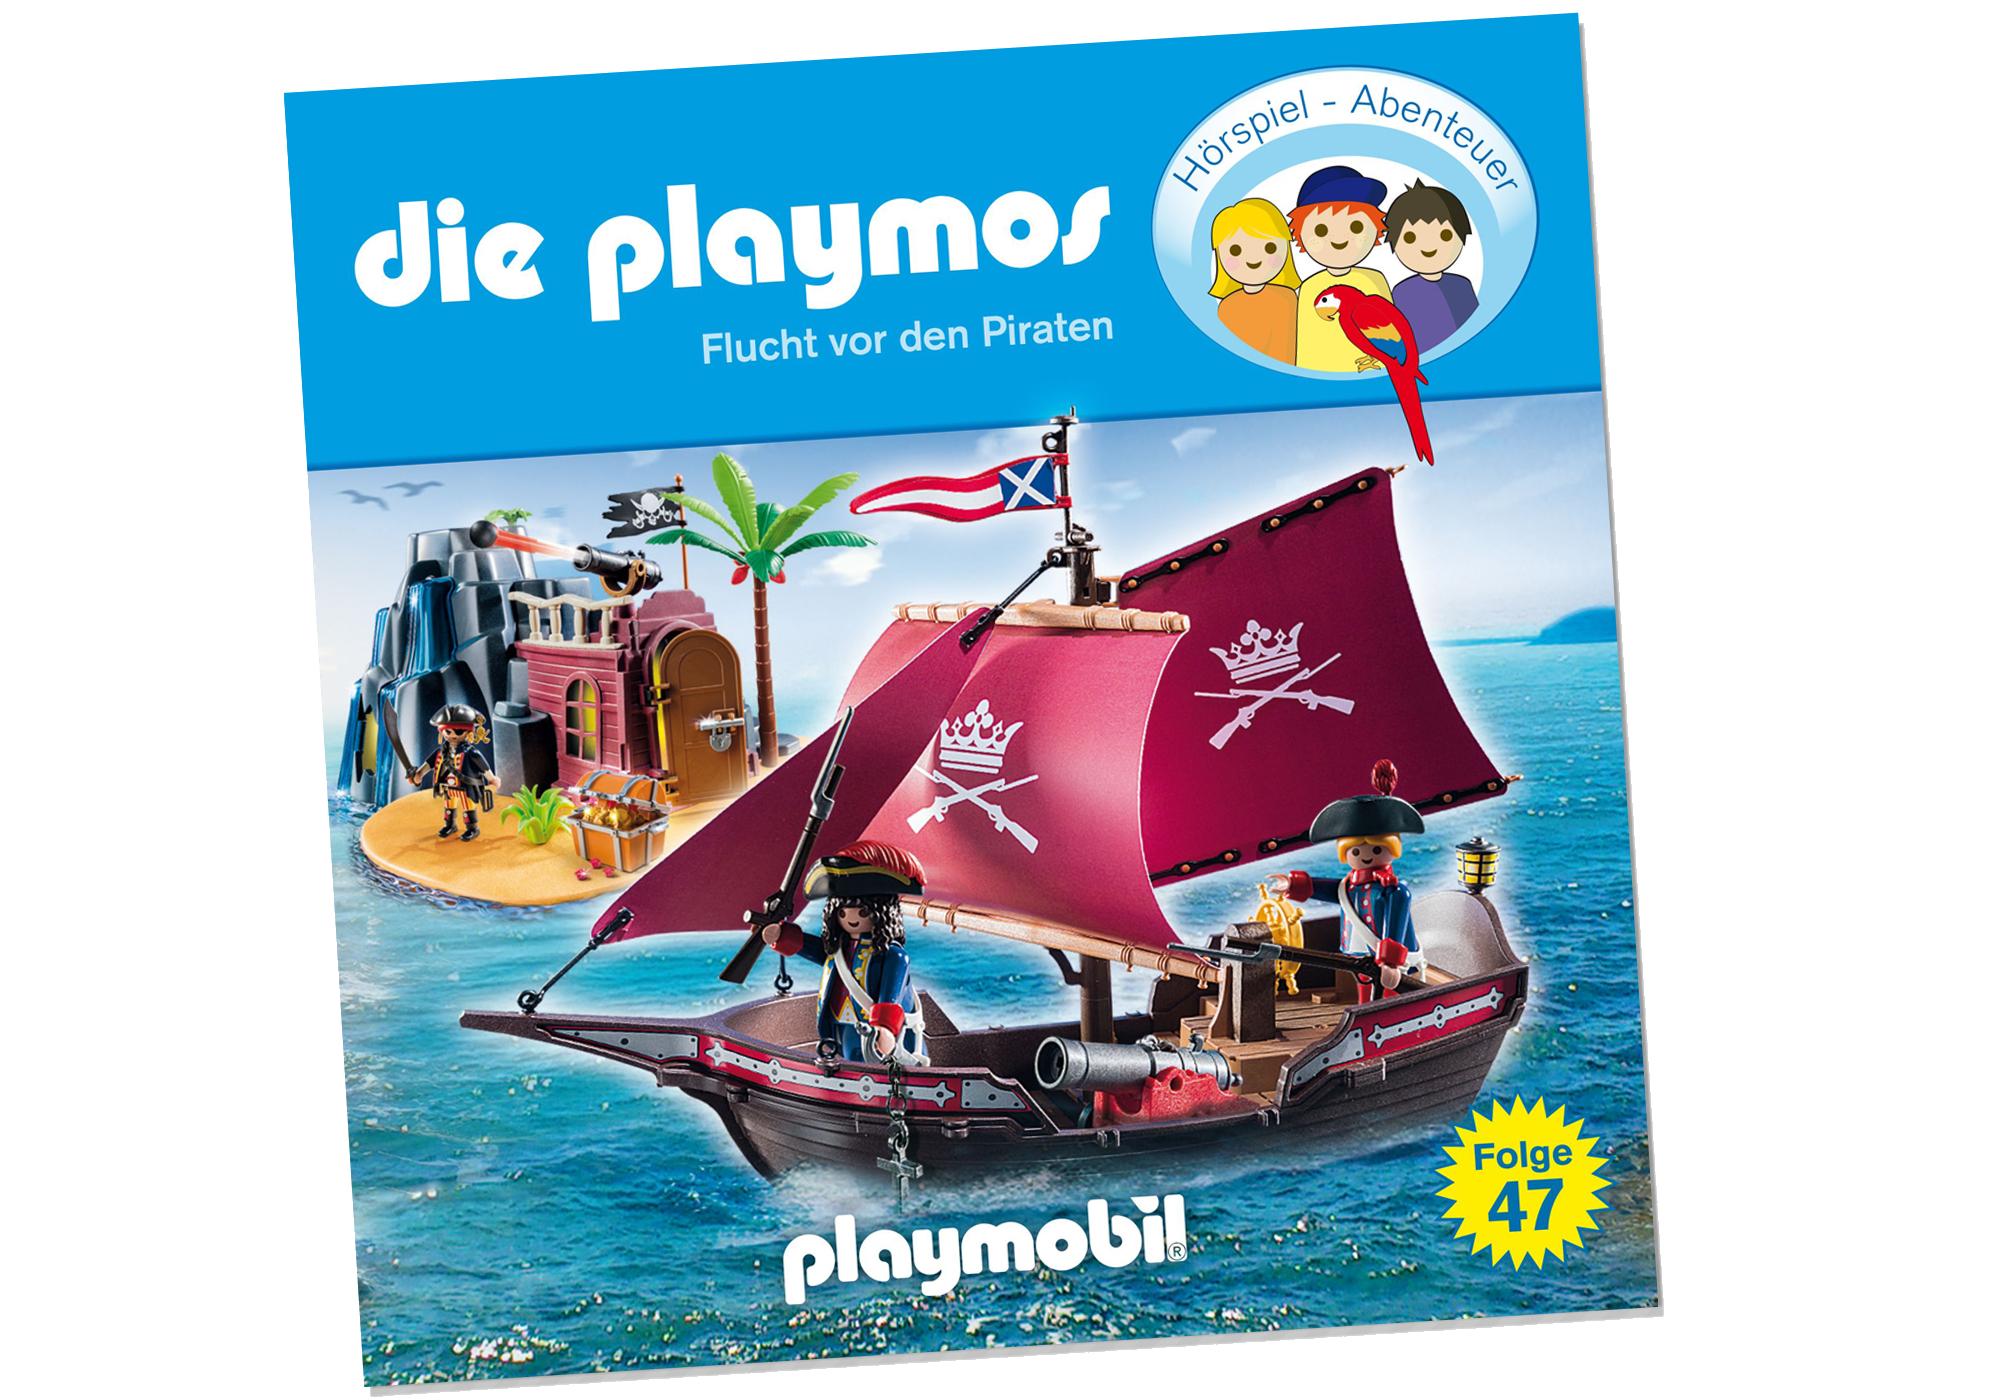 http://media.playmobil.com/i/playmobil/80254_product_detail/Flucht vor den Piraten - Folge 47